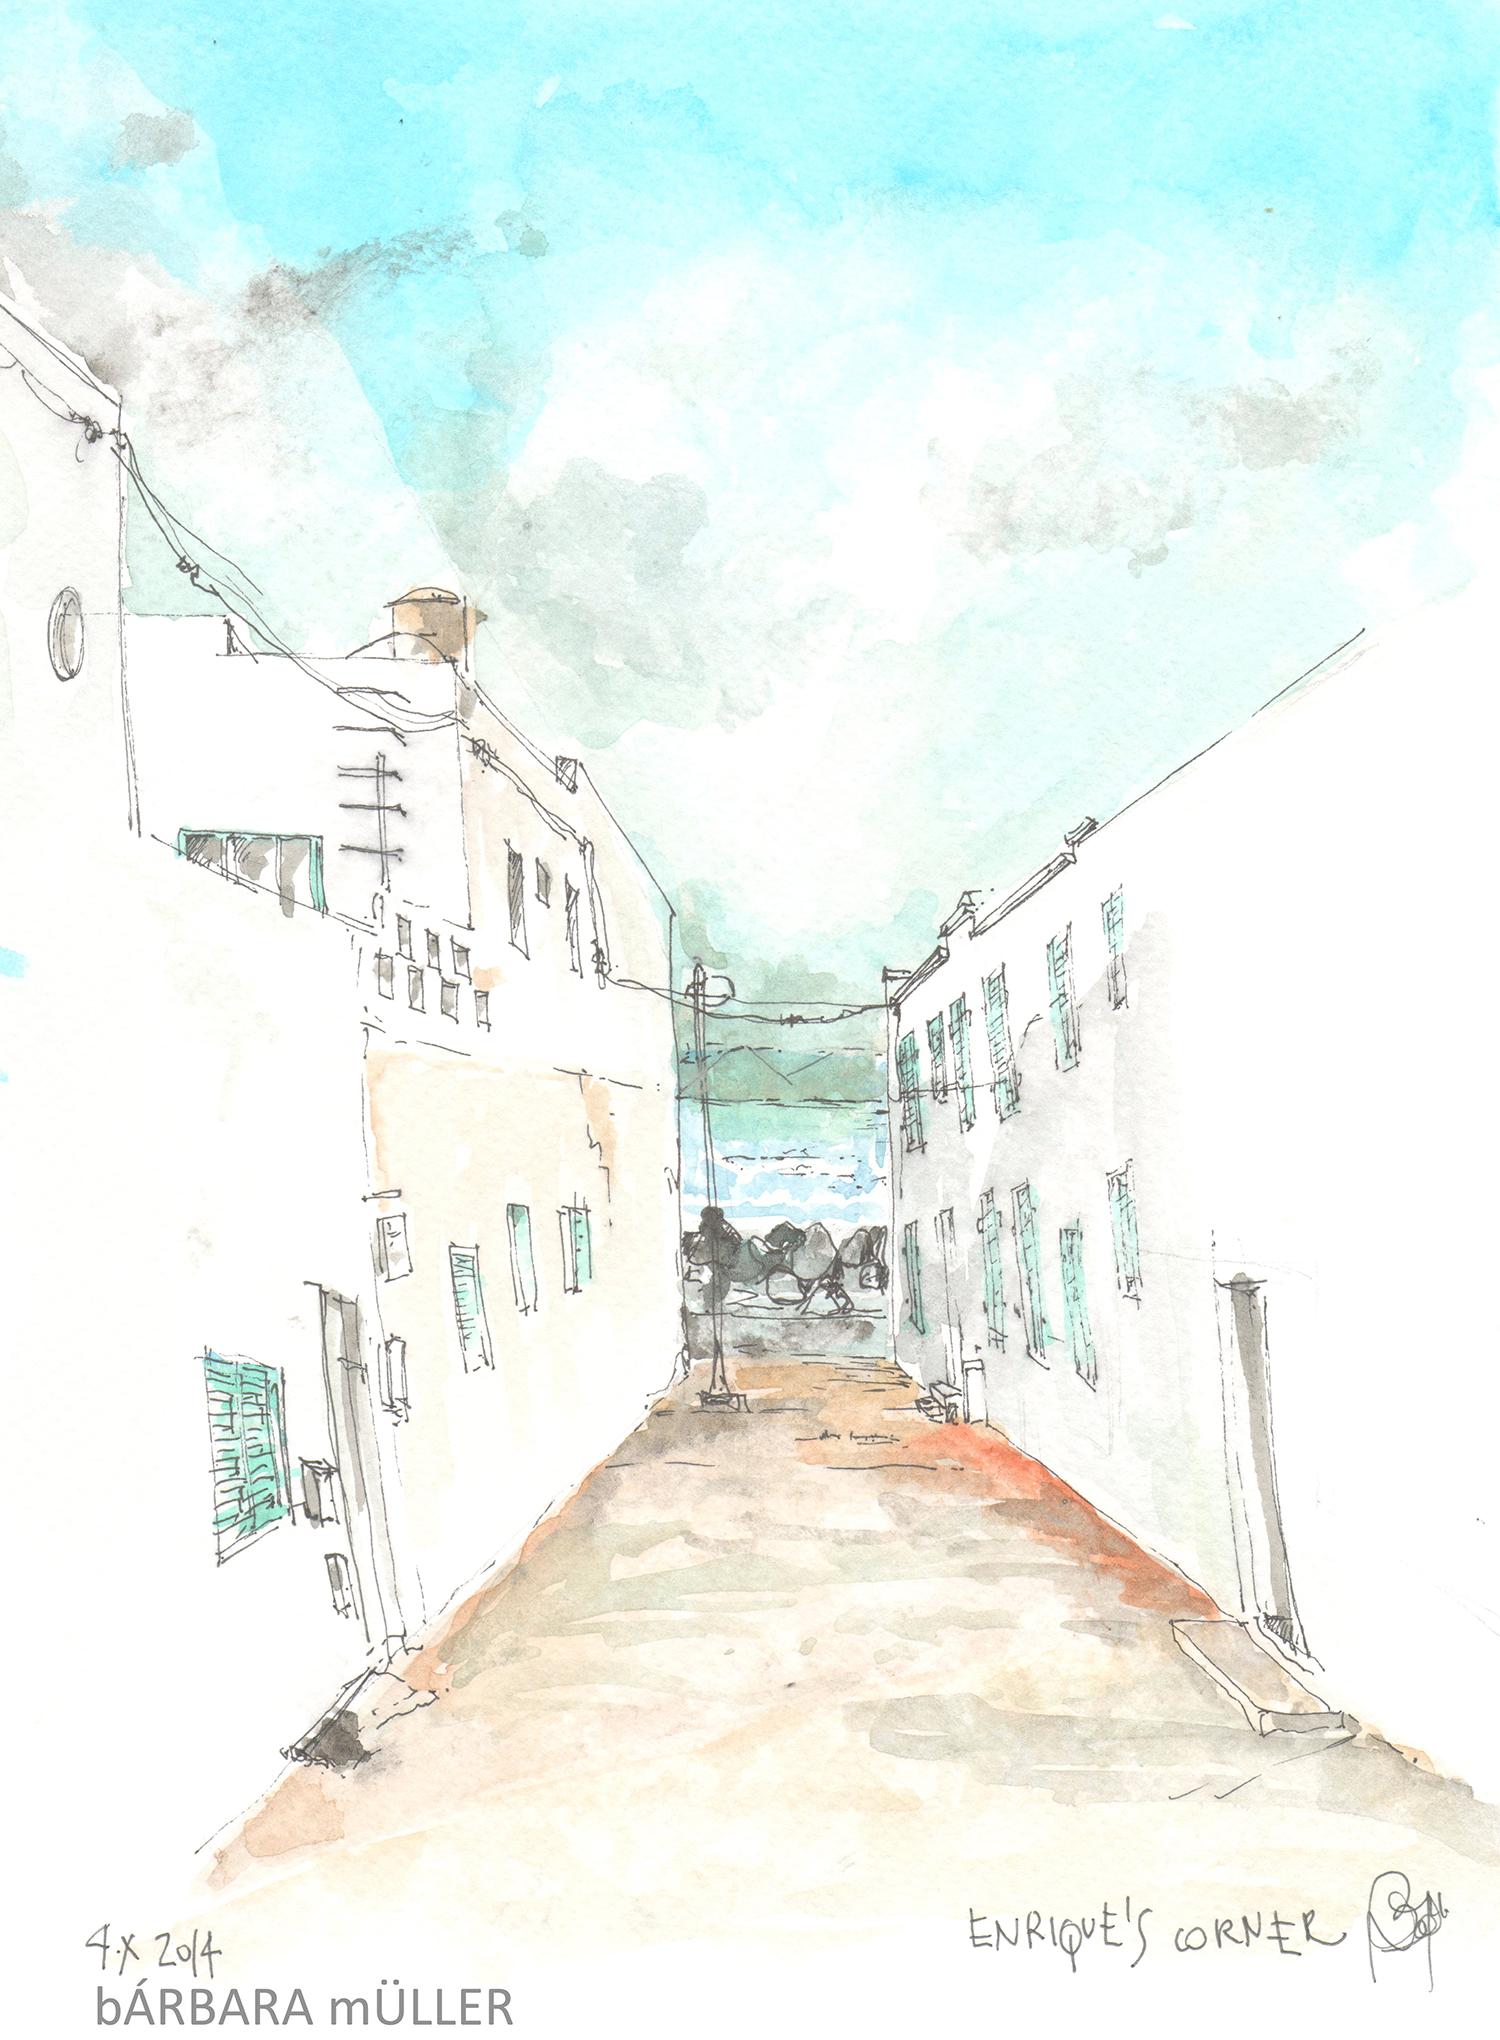 Enrique's corner en color dibujos acuraleas de Bárbara Müller en Famara Lanzarote Islas Canarias España